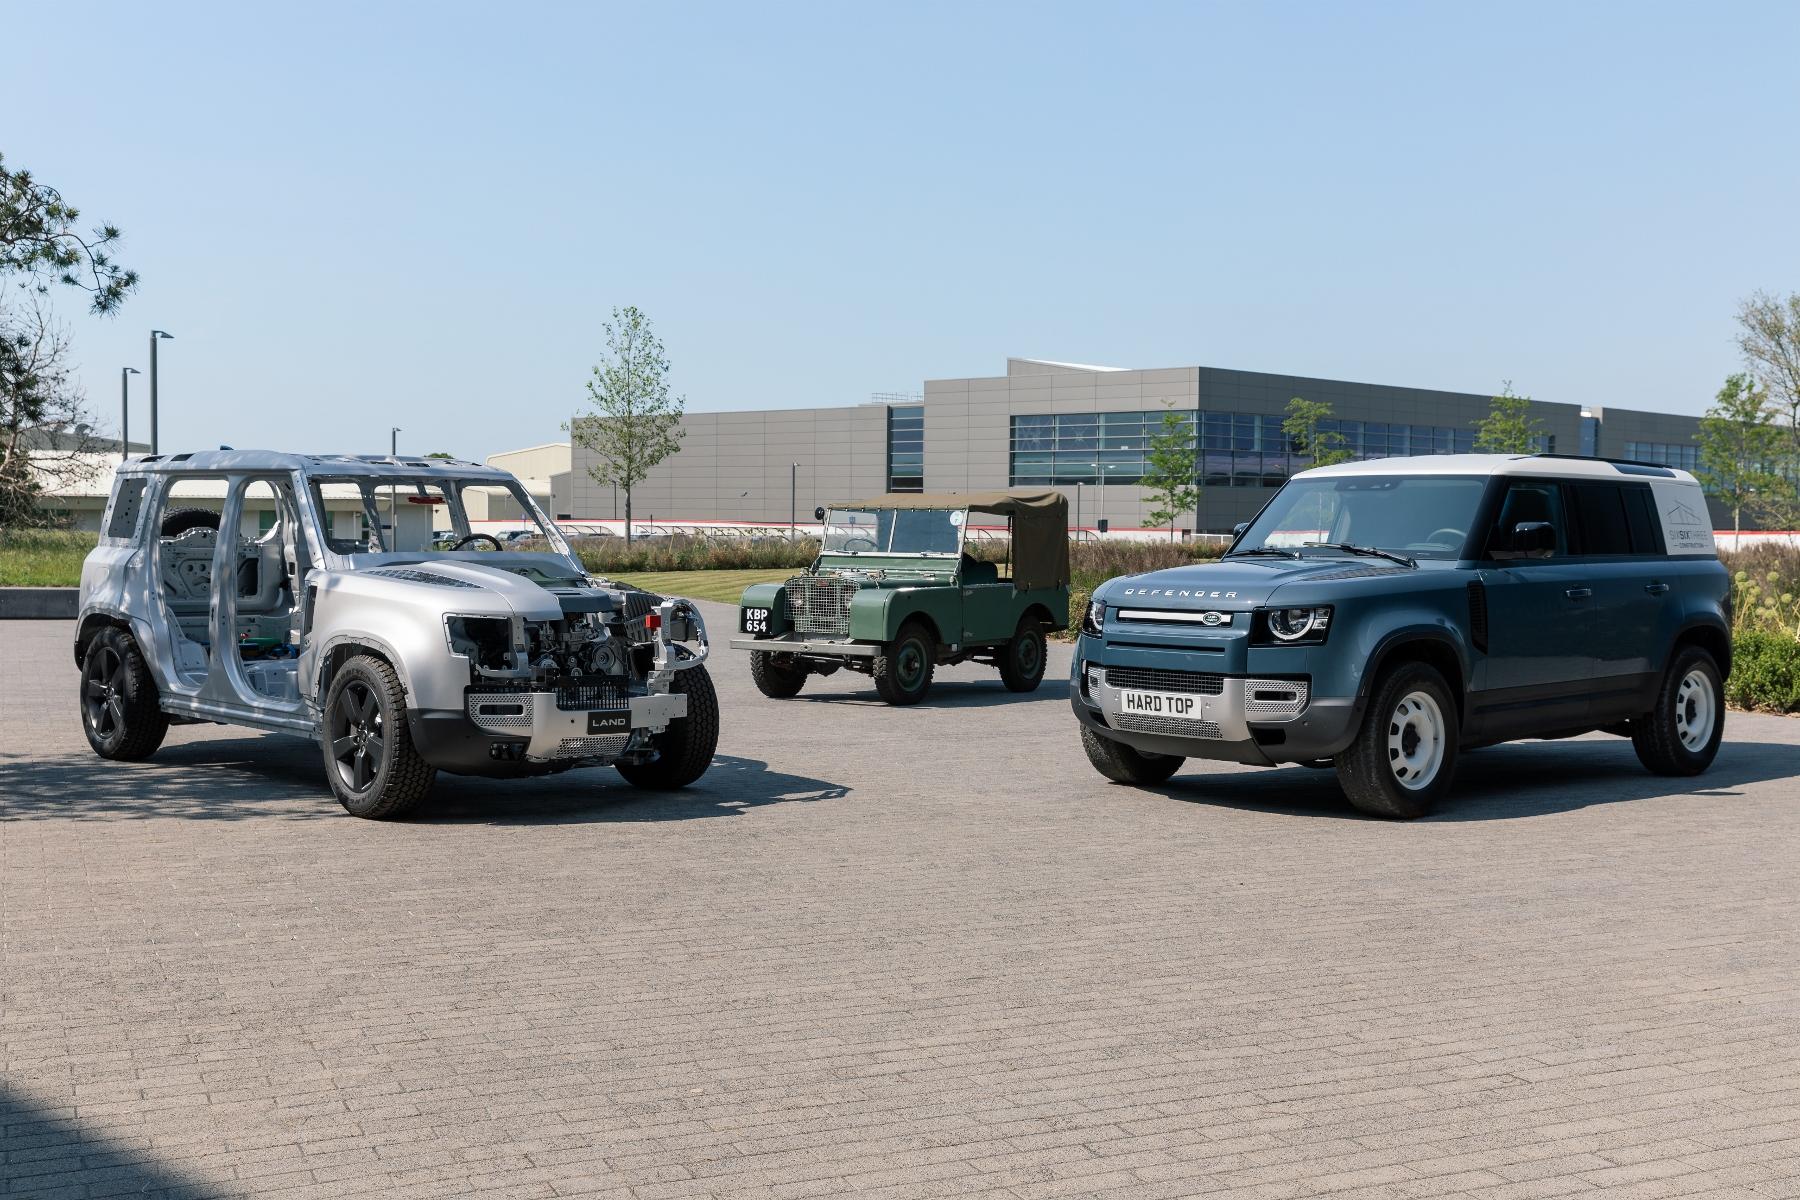 Nový Land Rover Defender prichádza v úžitkovej verzii Hard Top IIJY3pEluw 14lrdefhardtopnickrogers30